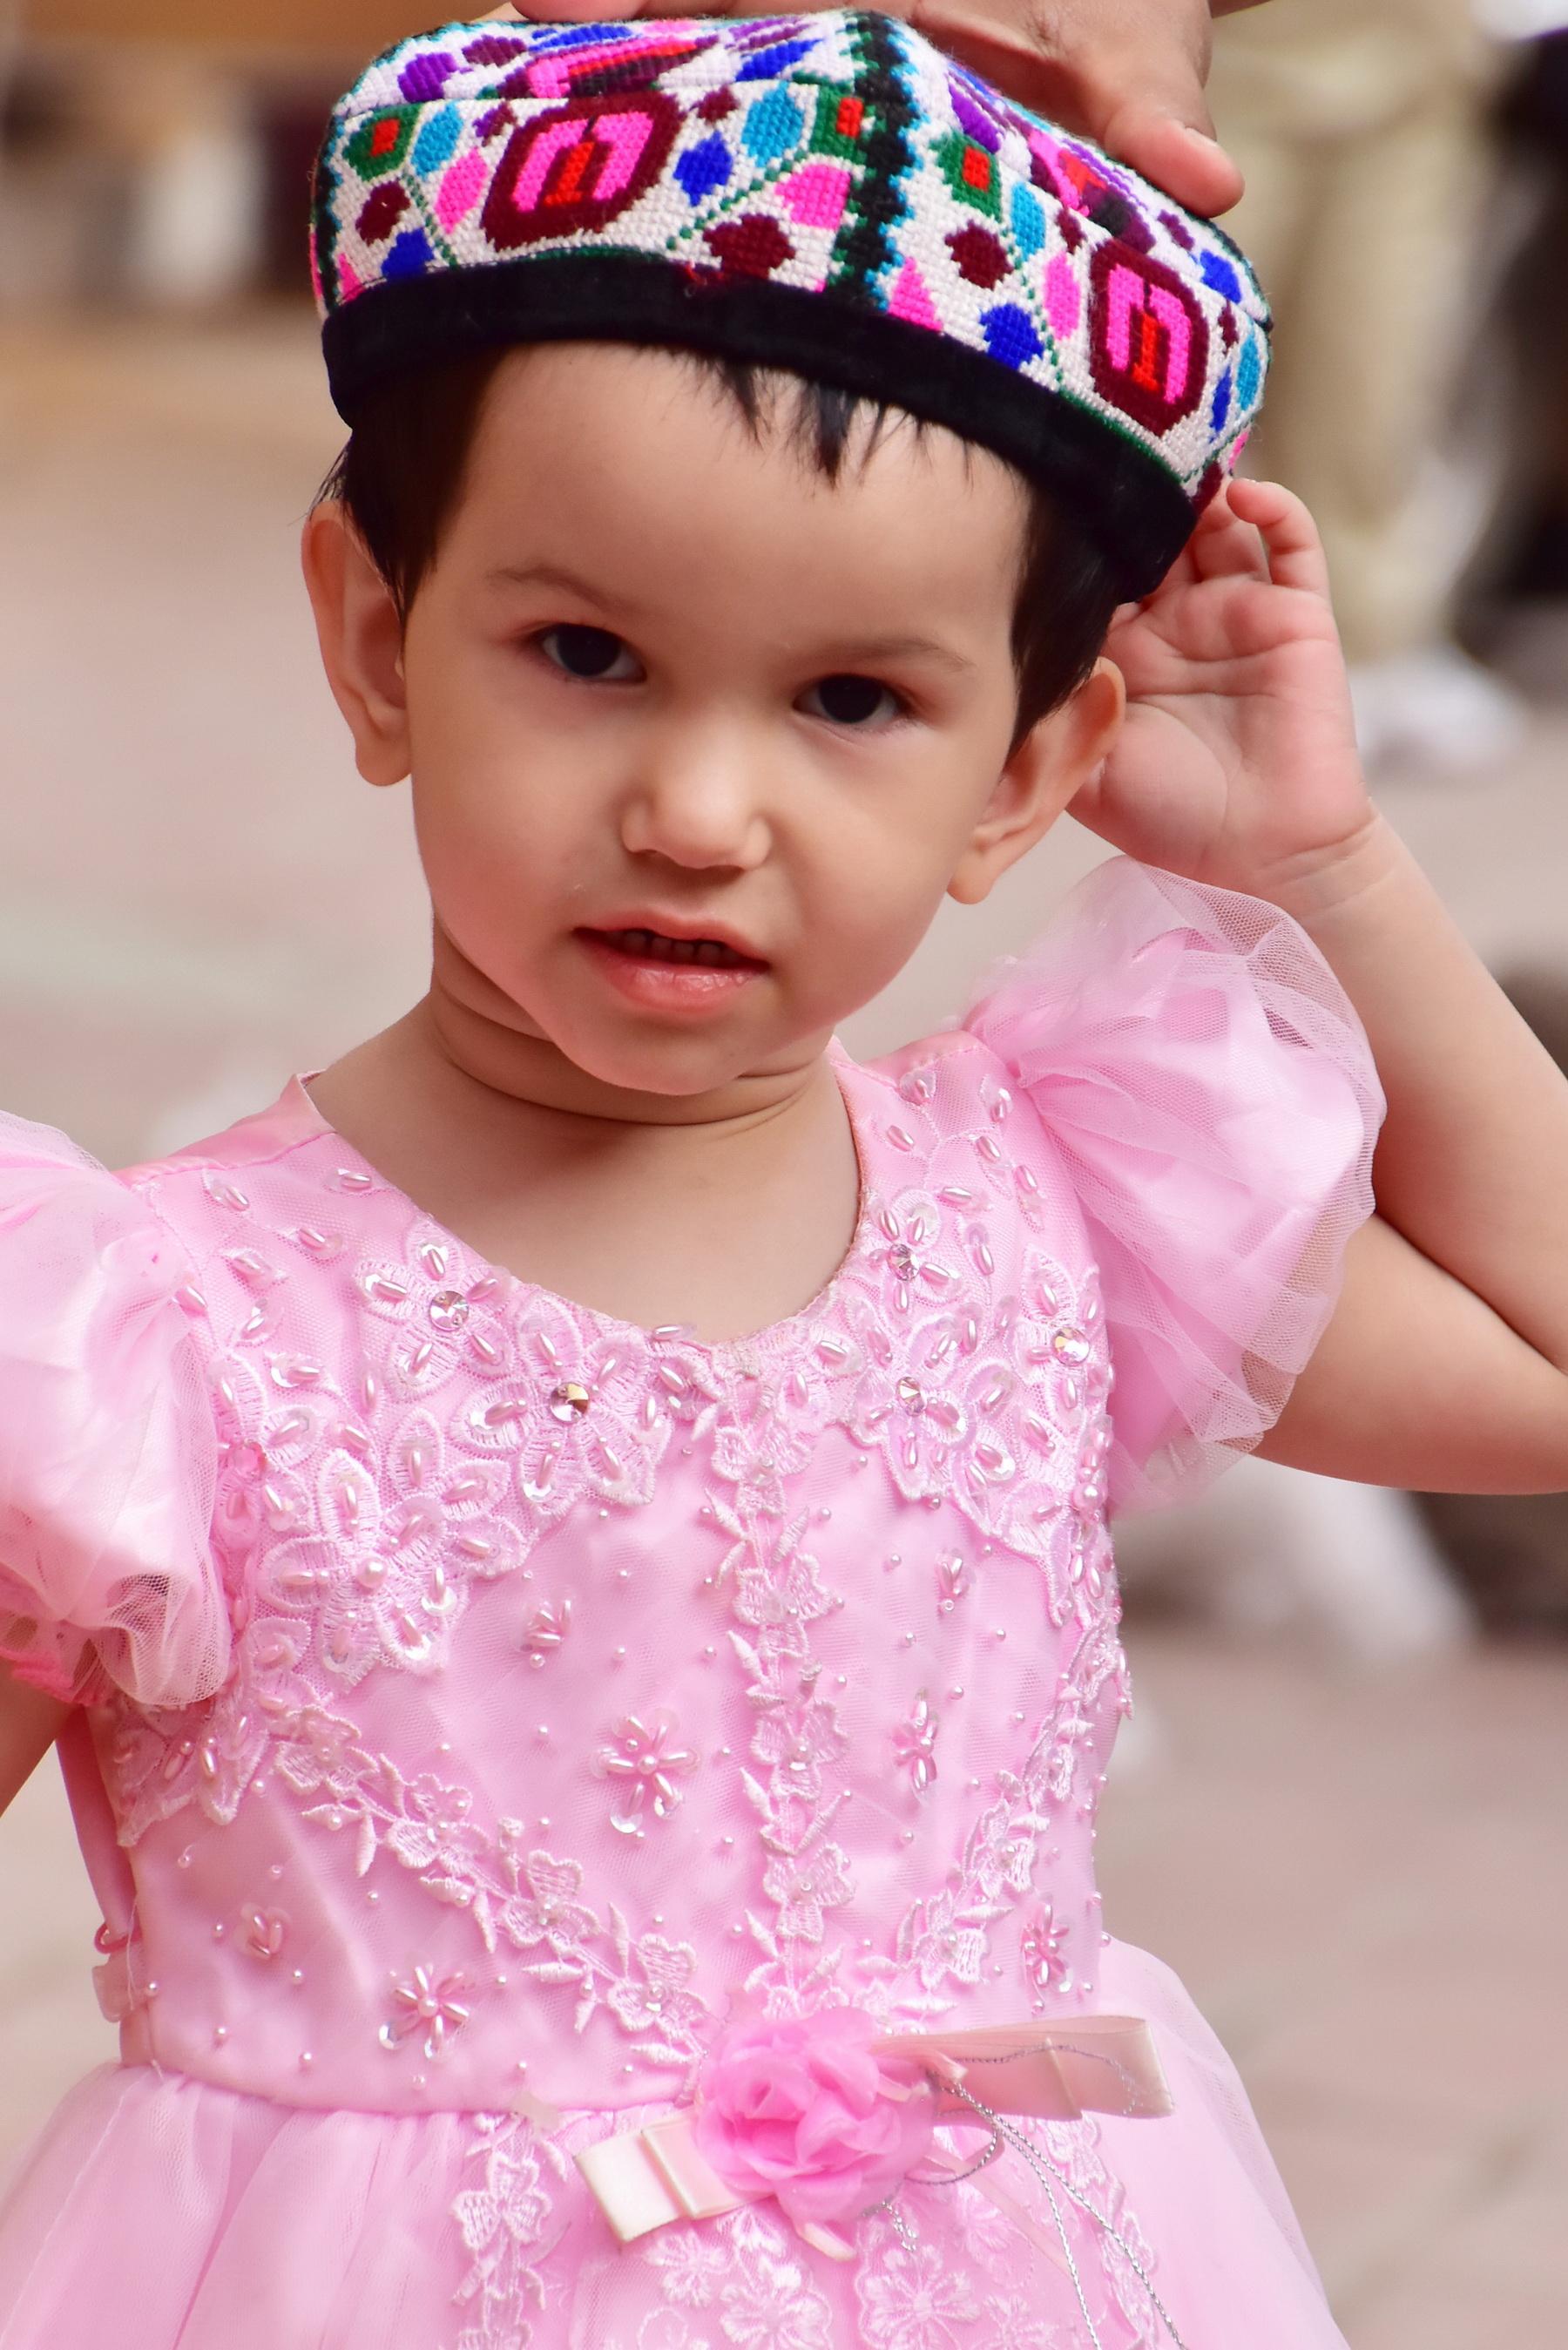 סין - ילדונת חמודה 2